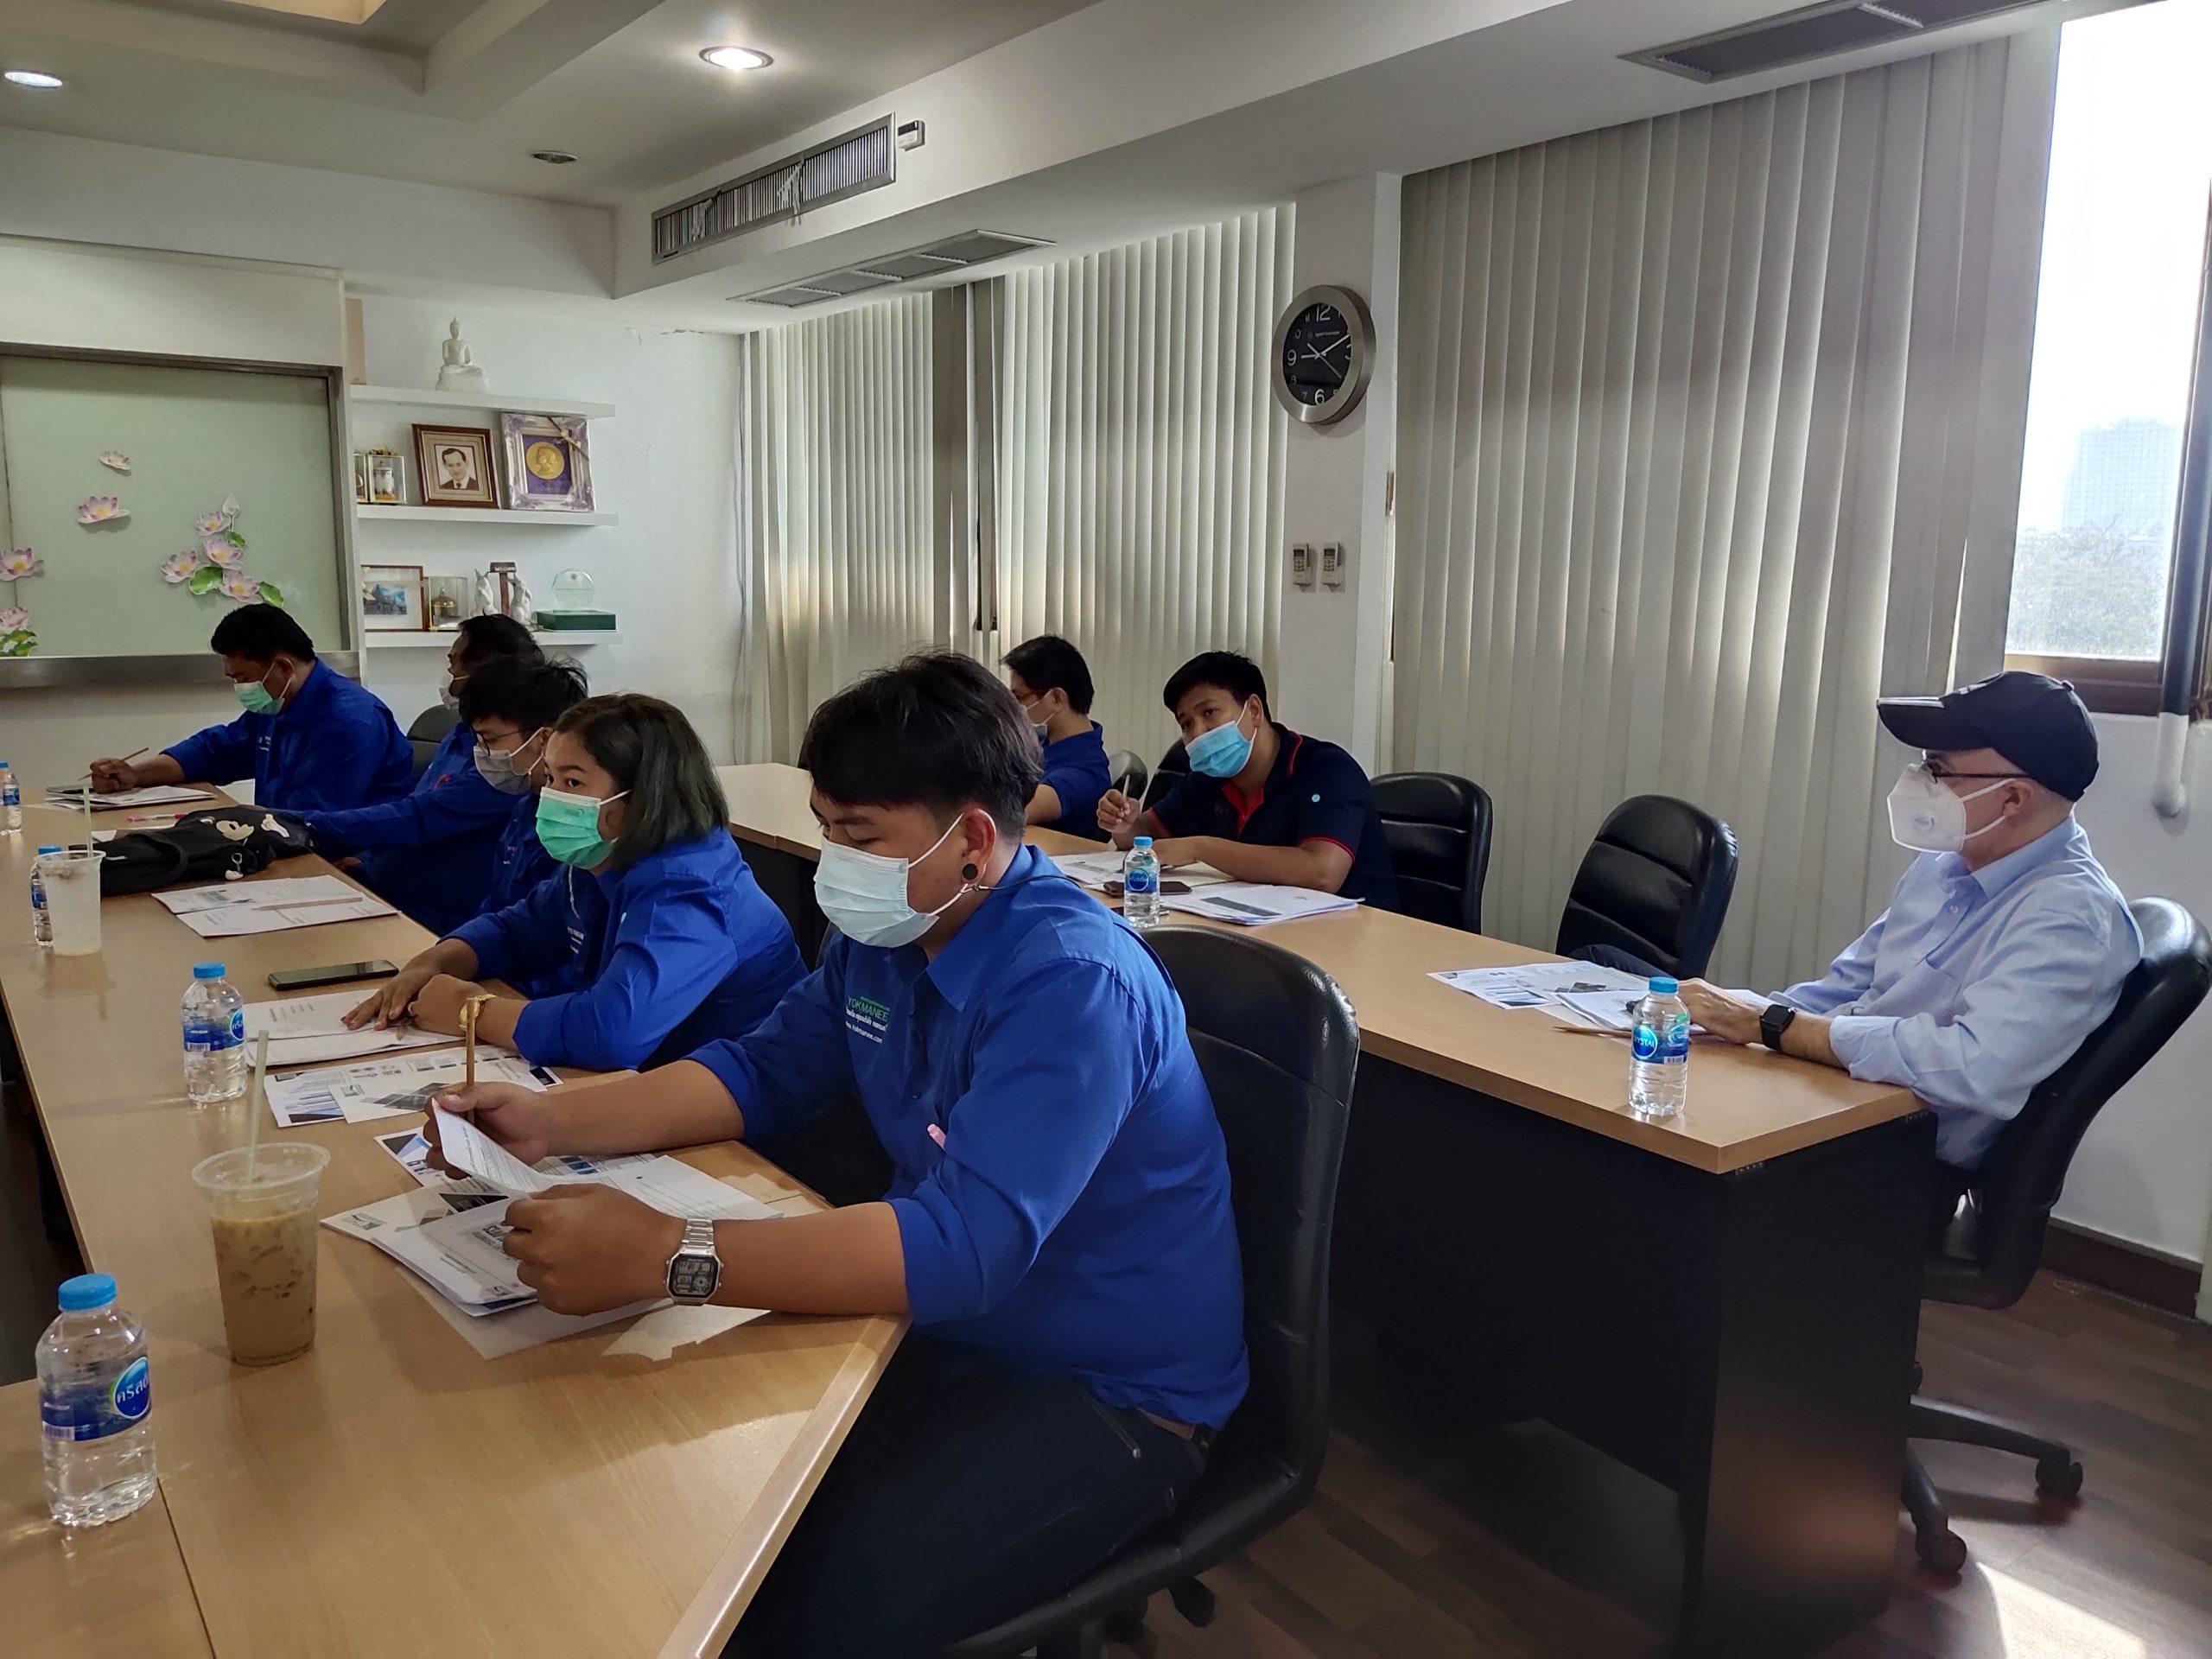 """ศูนย์วิเคราะห์ทดสอบสิ่งทอ จัดอบรมและกิจกรรม Workshop ในหัวข้อ """"การทดสอบถุงมือ (Gloves Testing)"""" แก่บริษัท DREAM LIFE PROPERTY DEVELOPER LIMITED. และ BESTSAFE GLOVE CO.,LTD"""